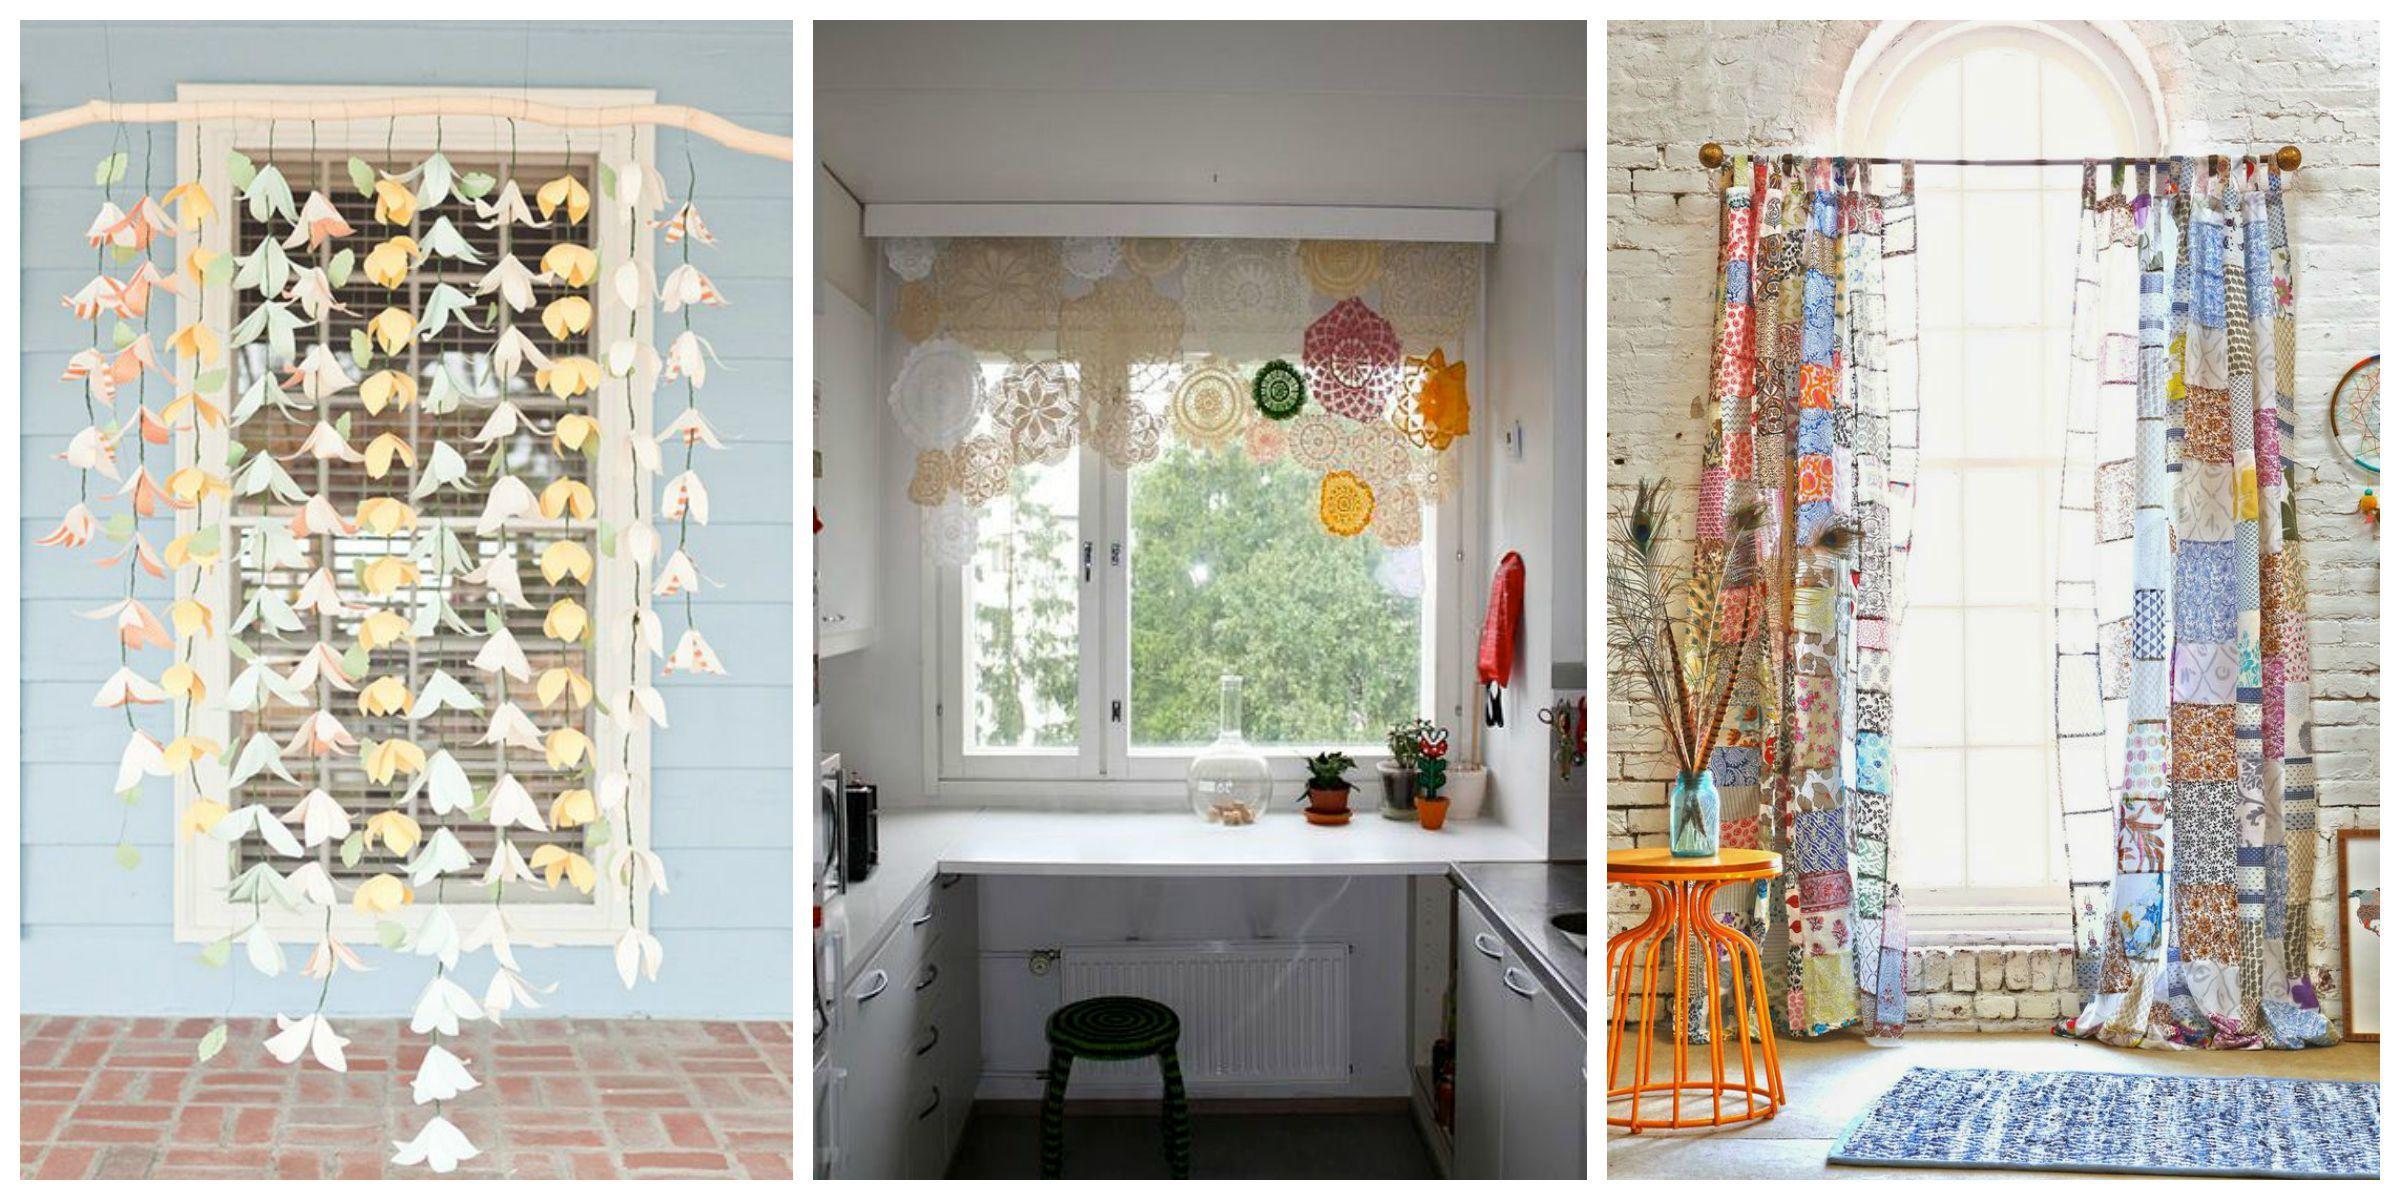 8 idee per arredare casa con le tende immagine 224980 - Idee per le tende ...